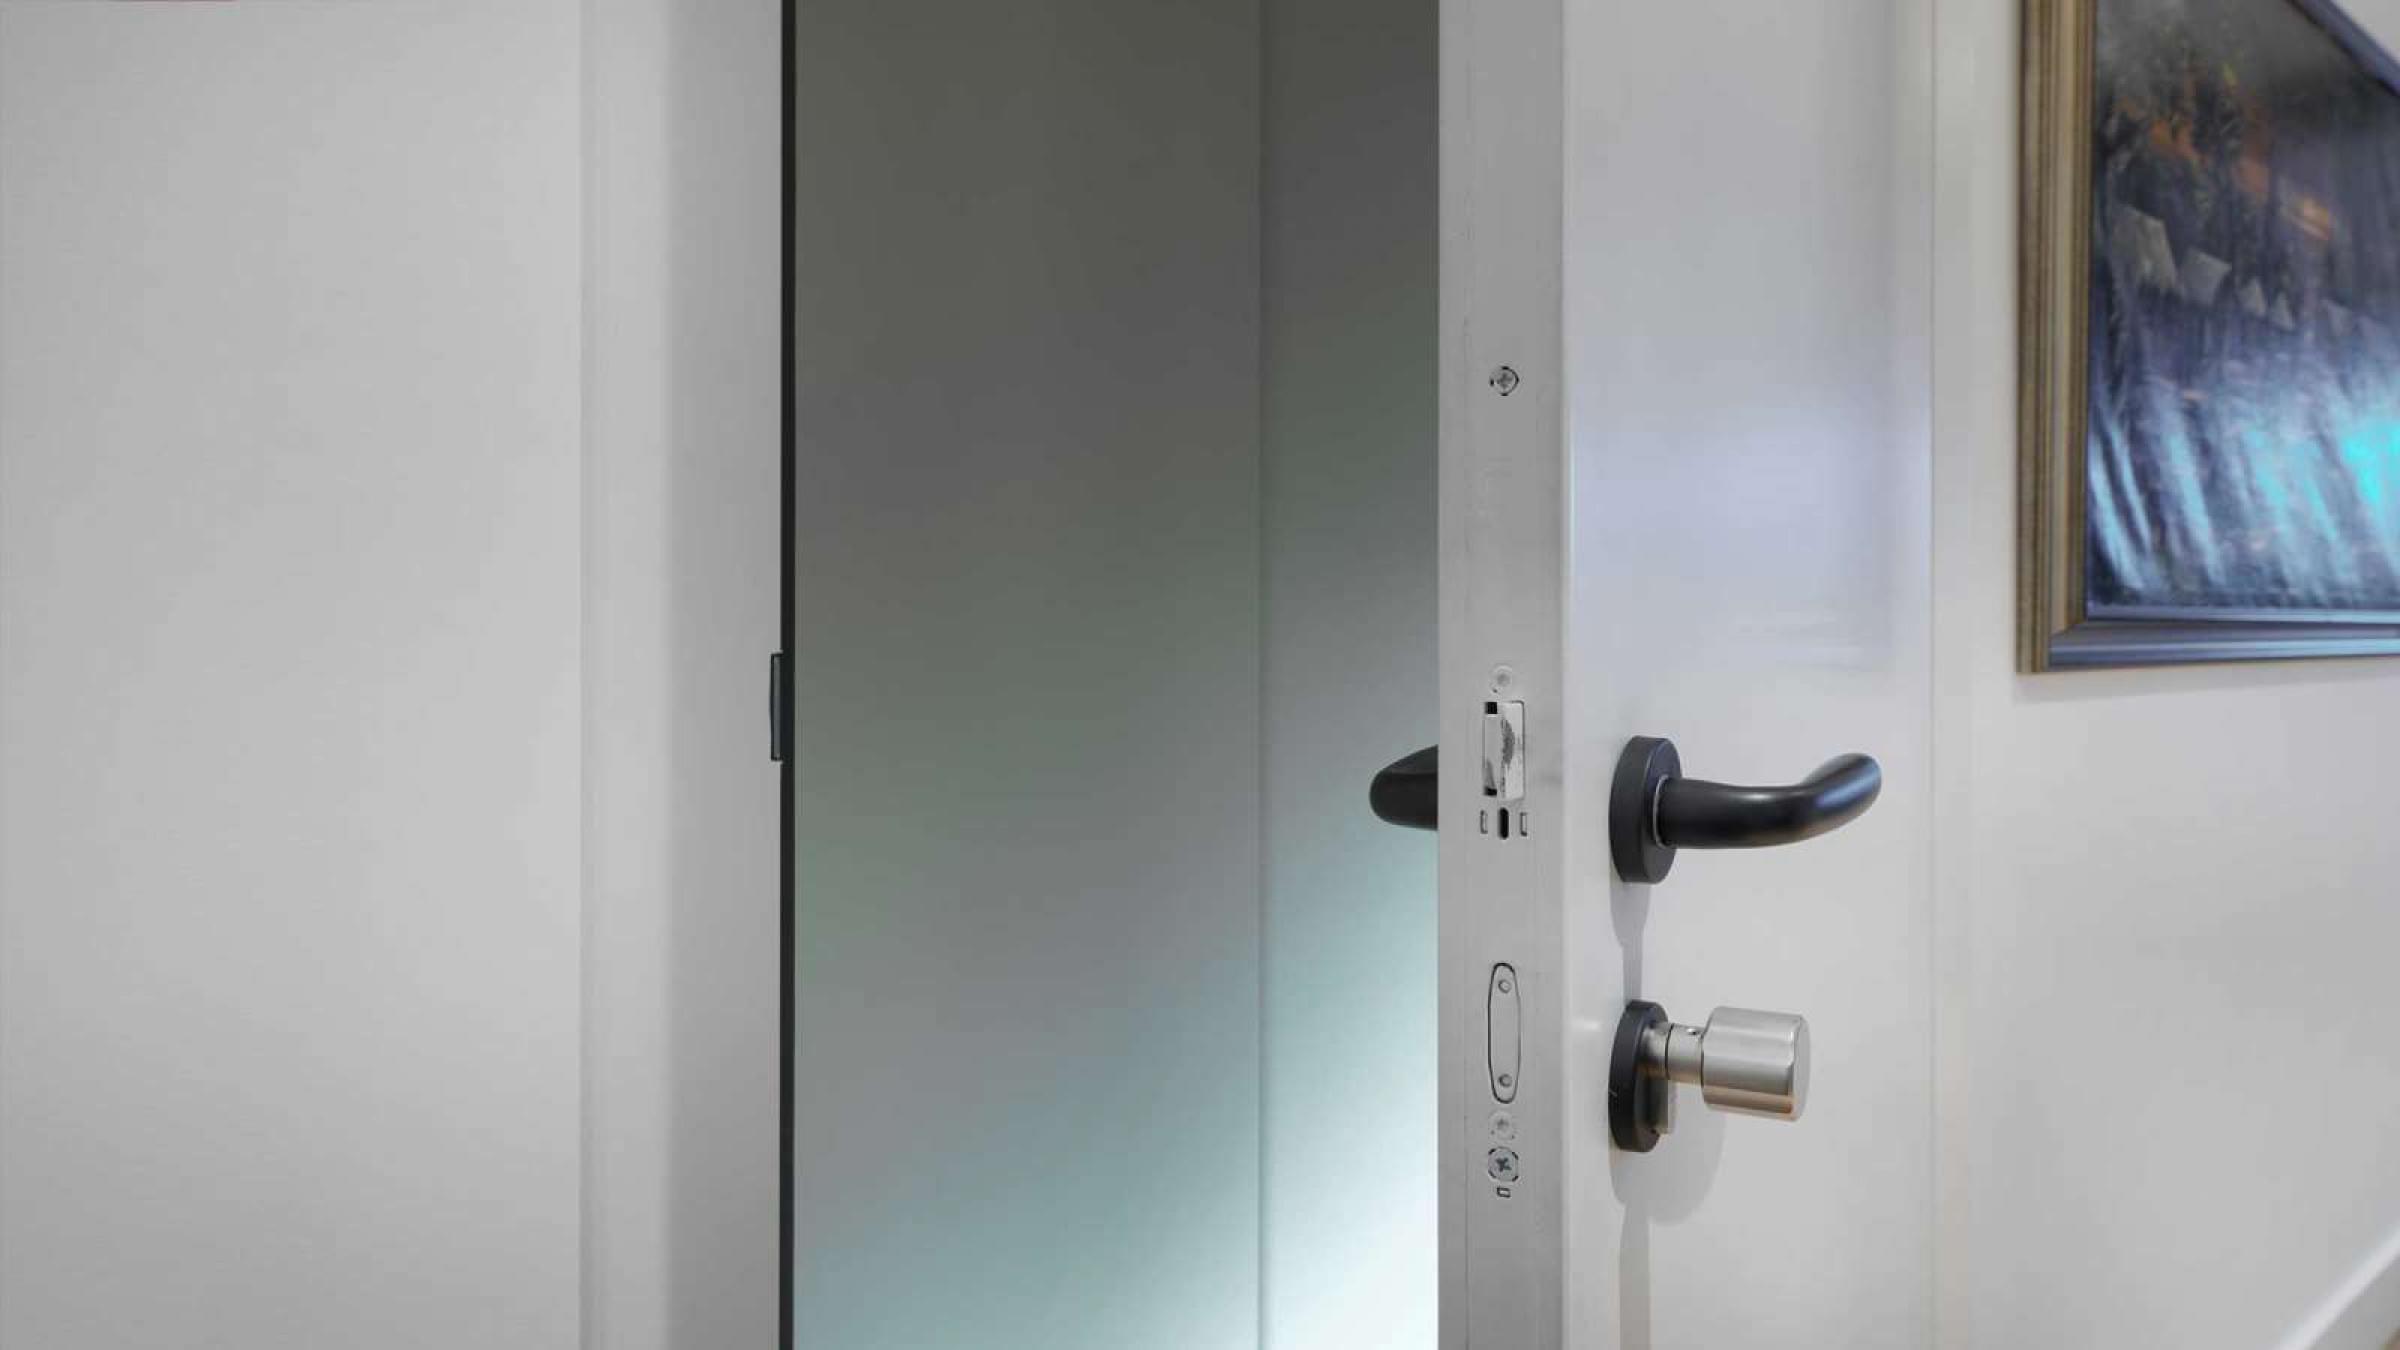 nordex-veilig-wonen-gemeenschappelijke-inkomdeur-2400